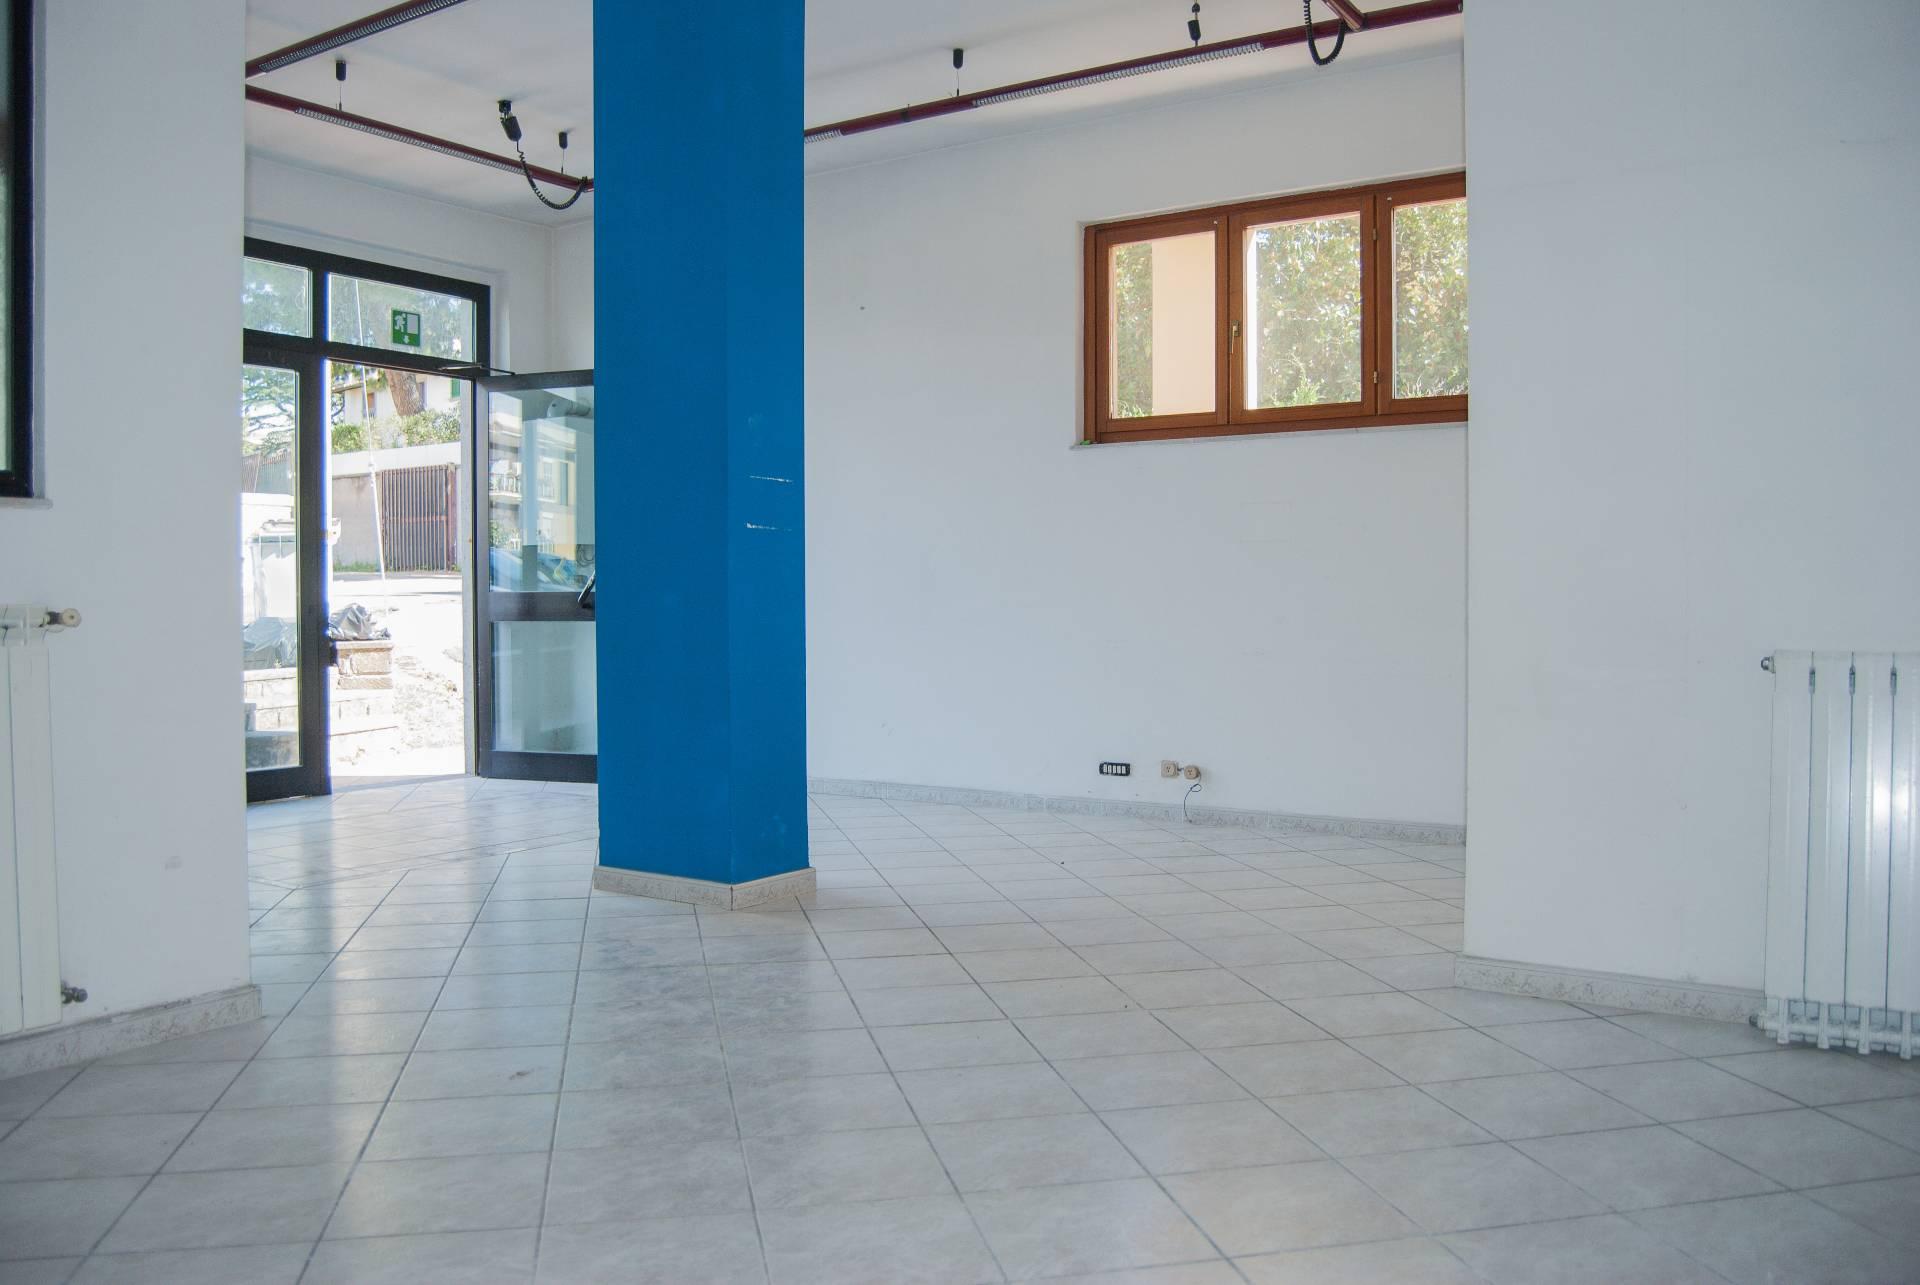 Negozio / Locale in vendita a Viterbo, 9999 locali, zona Località: Garbini-Palazzina, prezzo € 79.000   CambioCasa.it